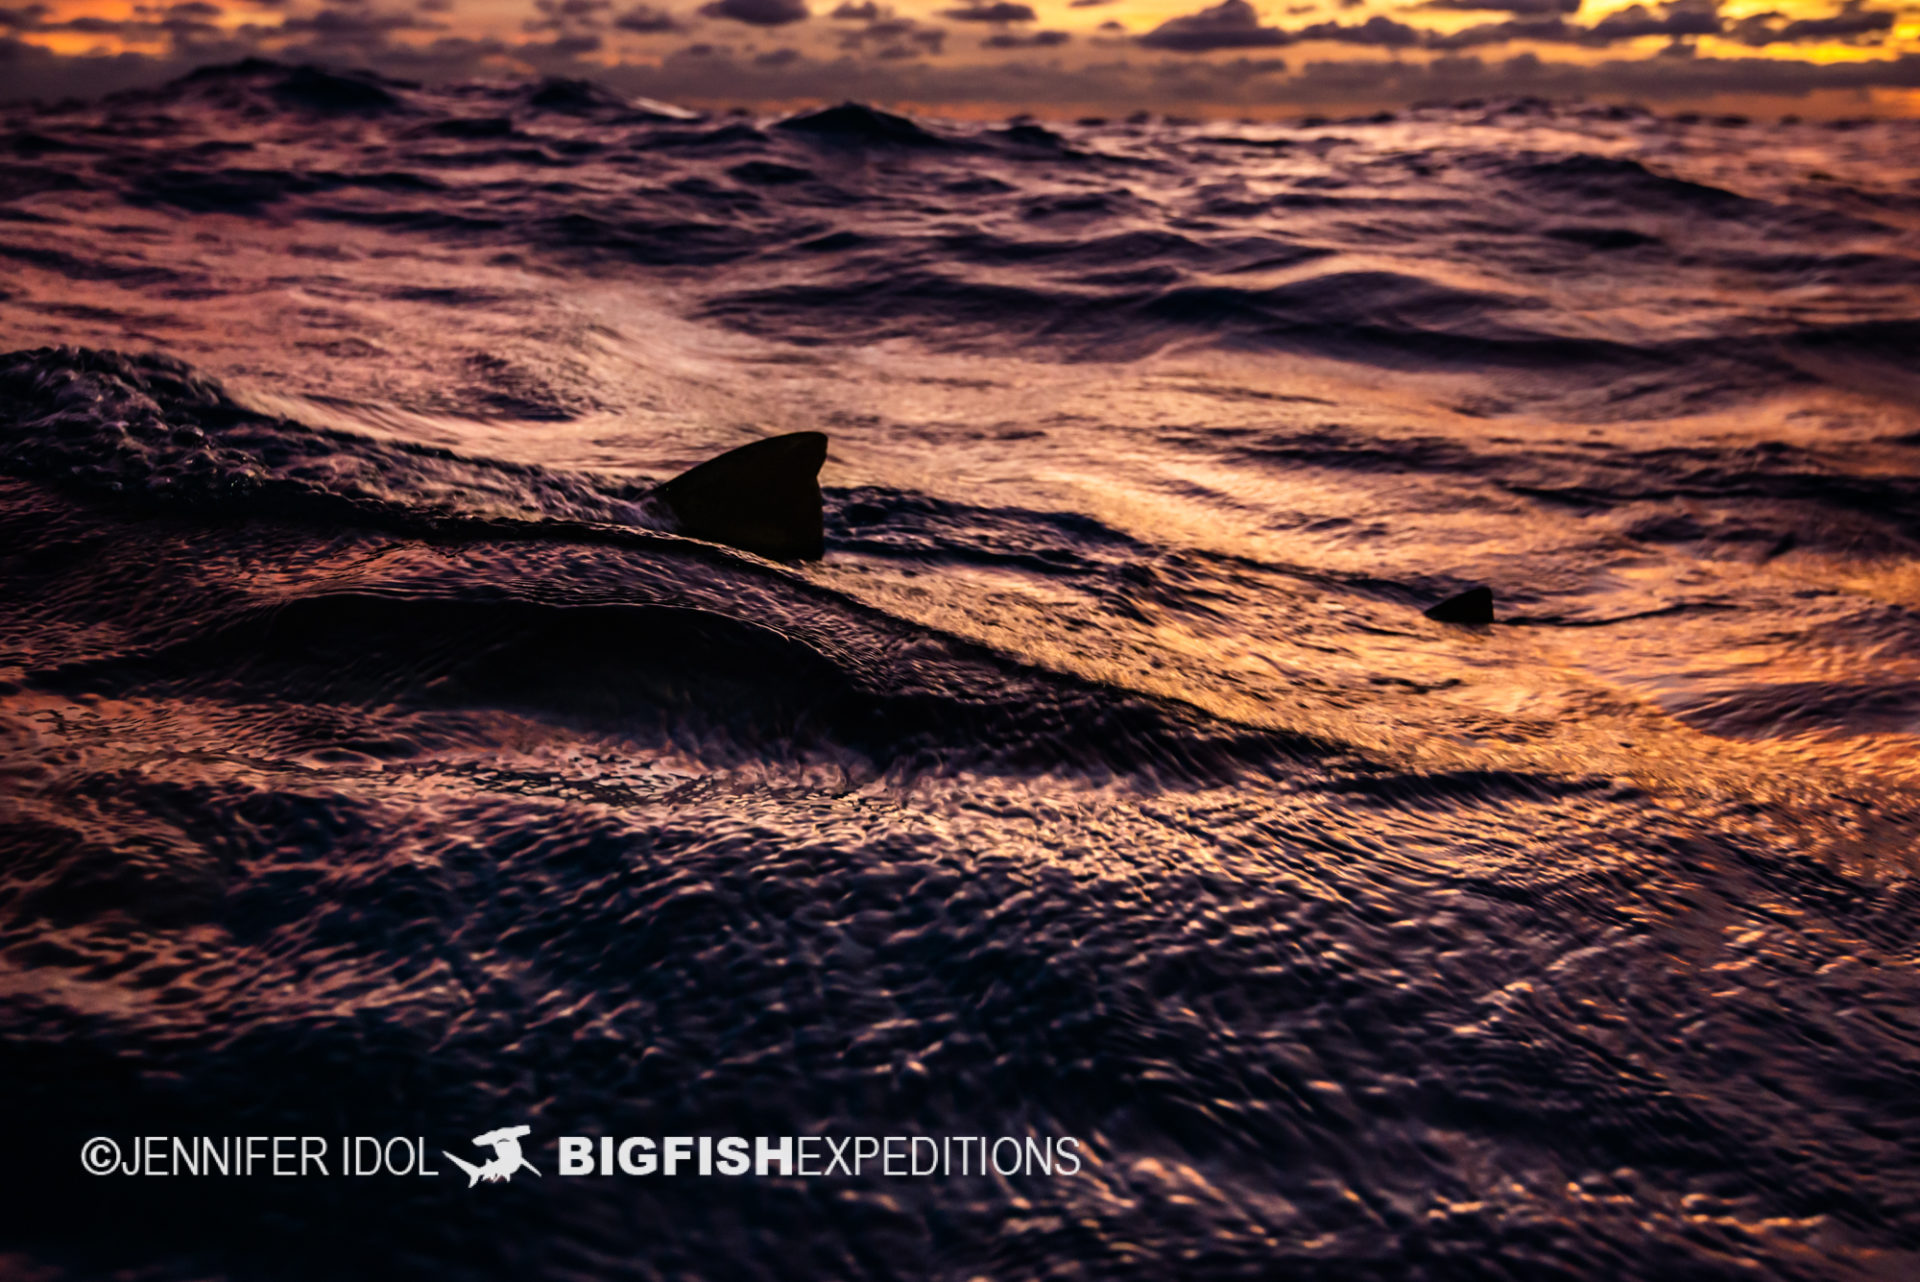 Lemon shark fins at sunset